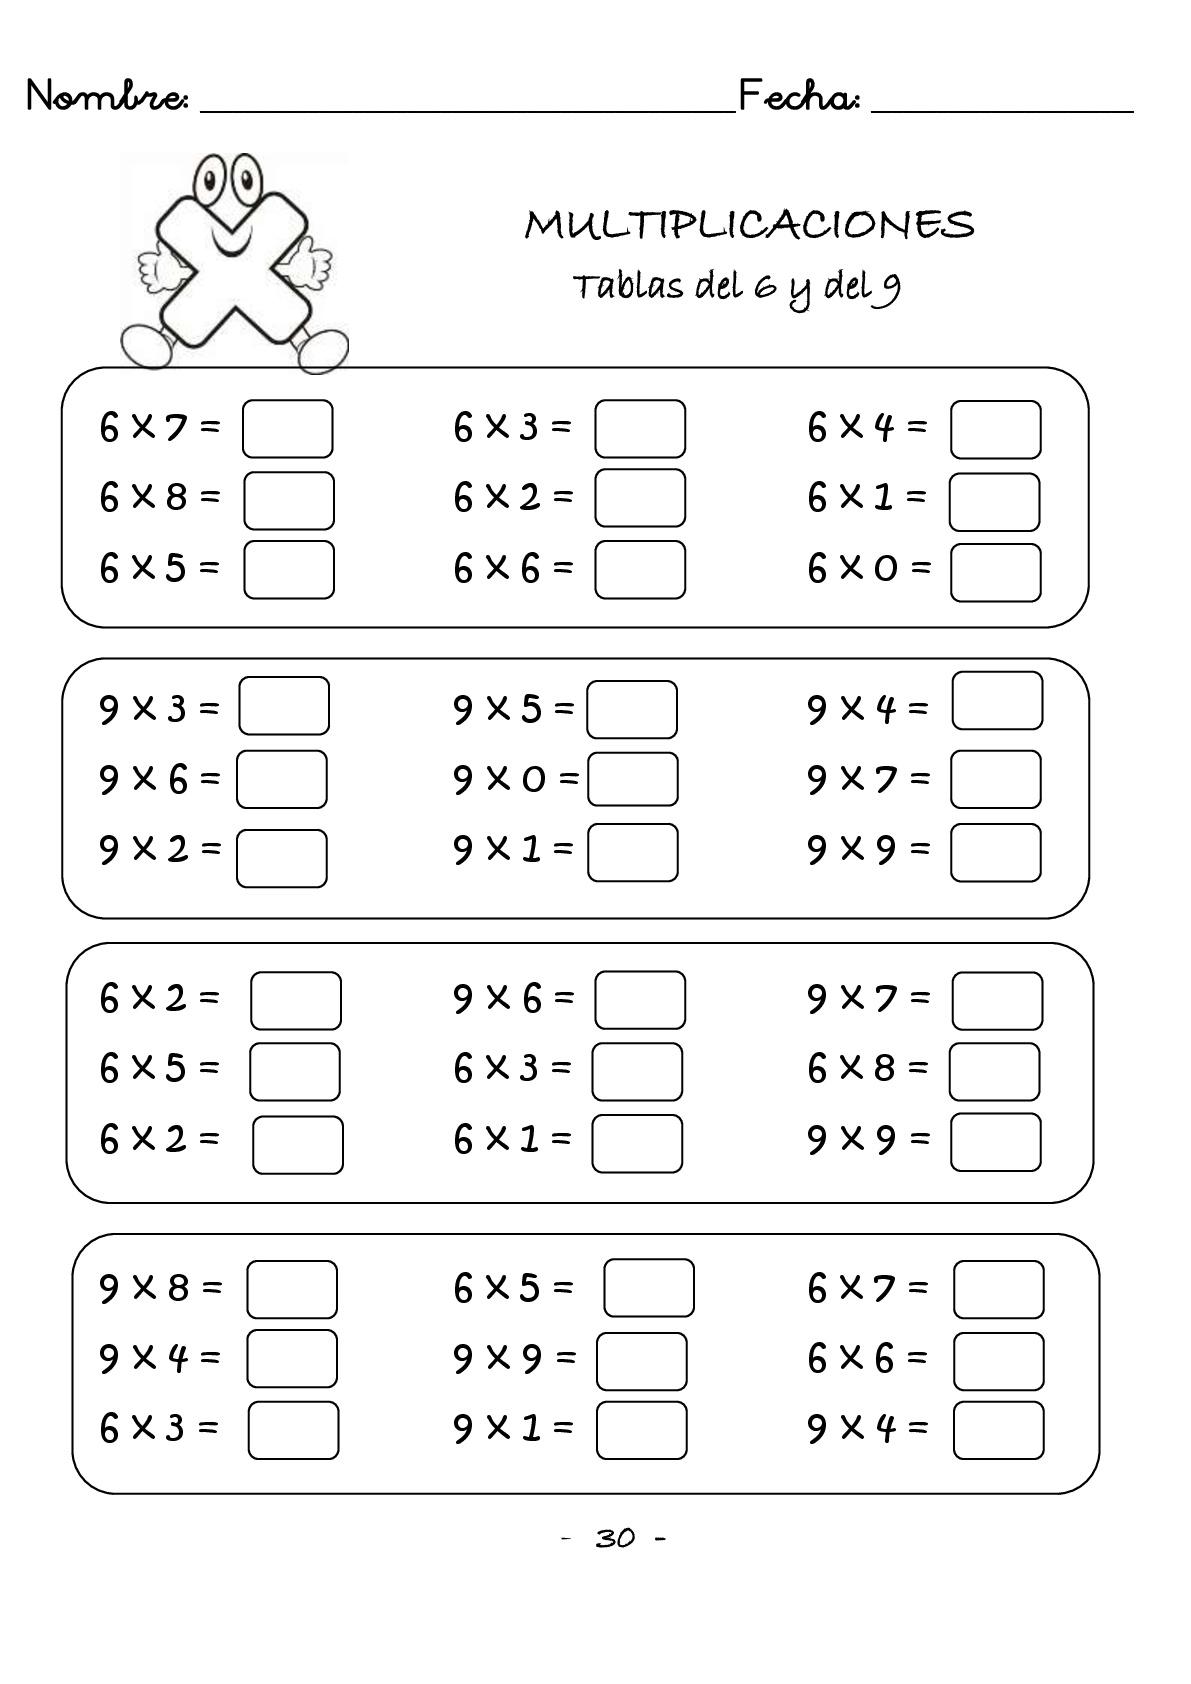 multiplicaciones-rapidas-una-cifra-protegido-031